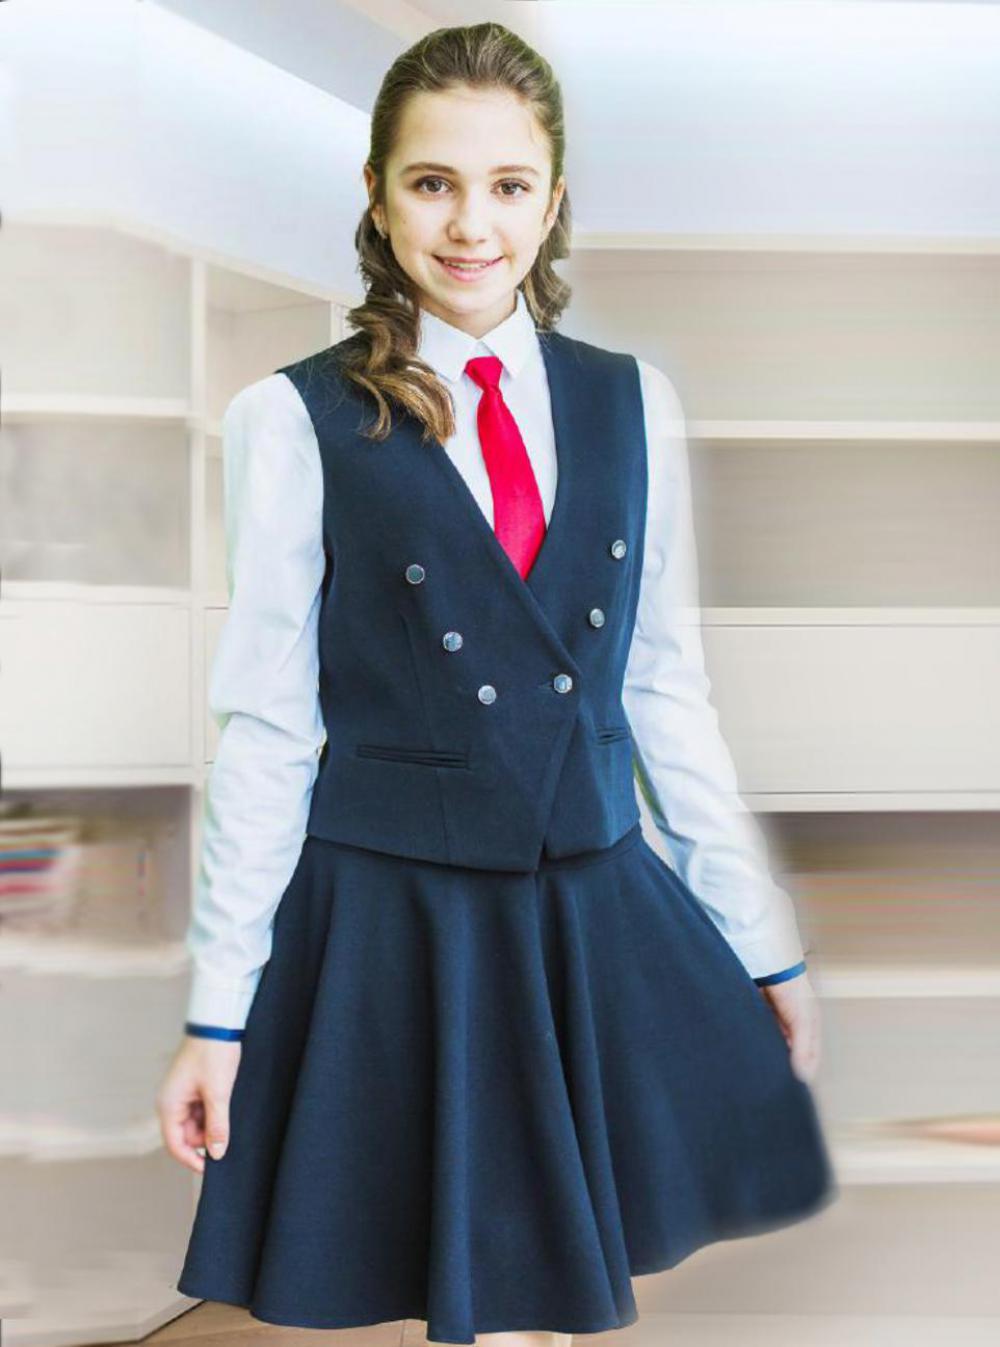 Школьная форма: фото учеников лучших школ мира. Картинки